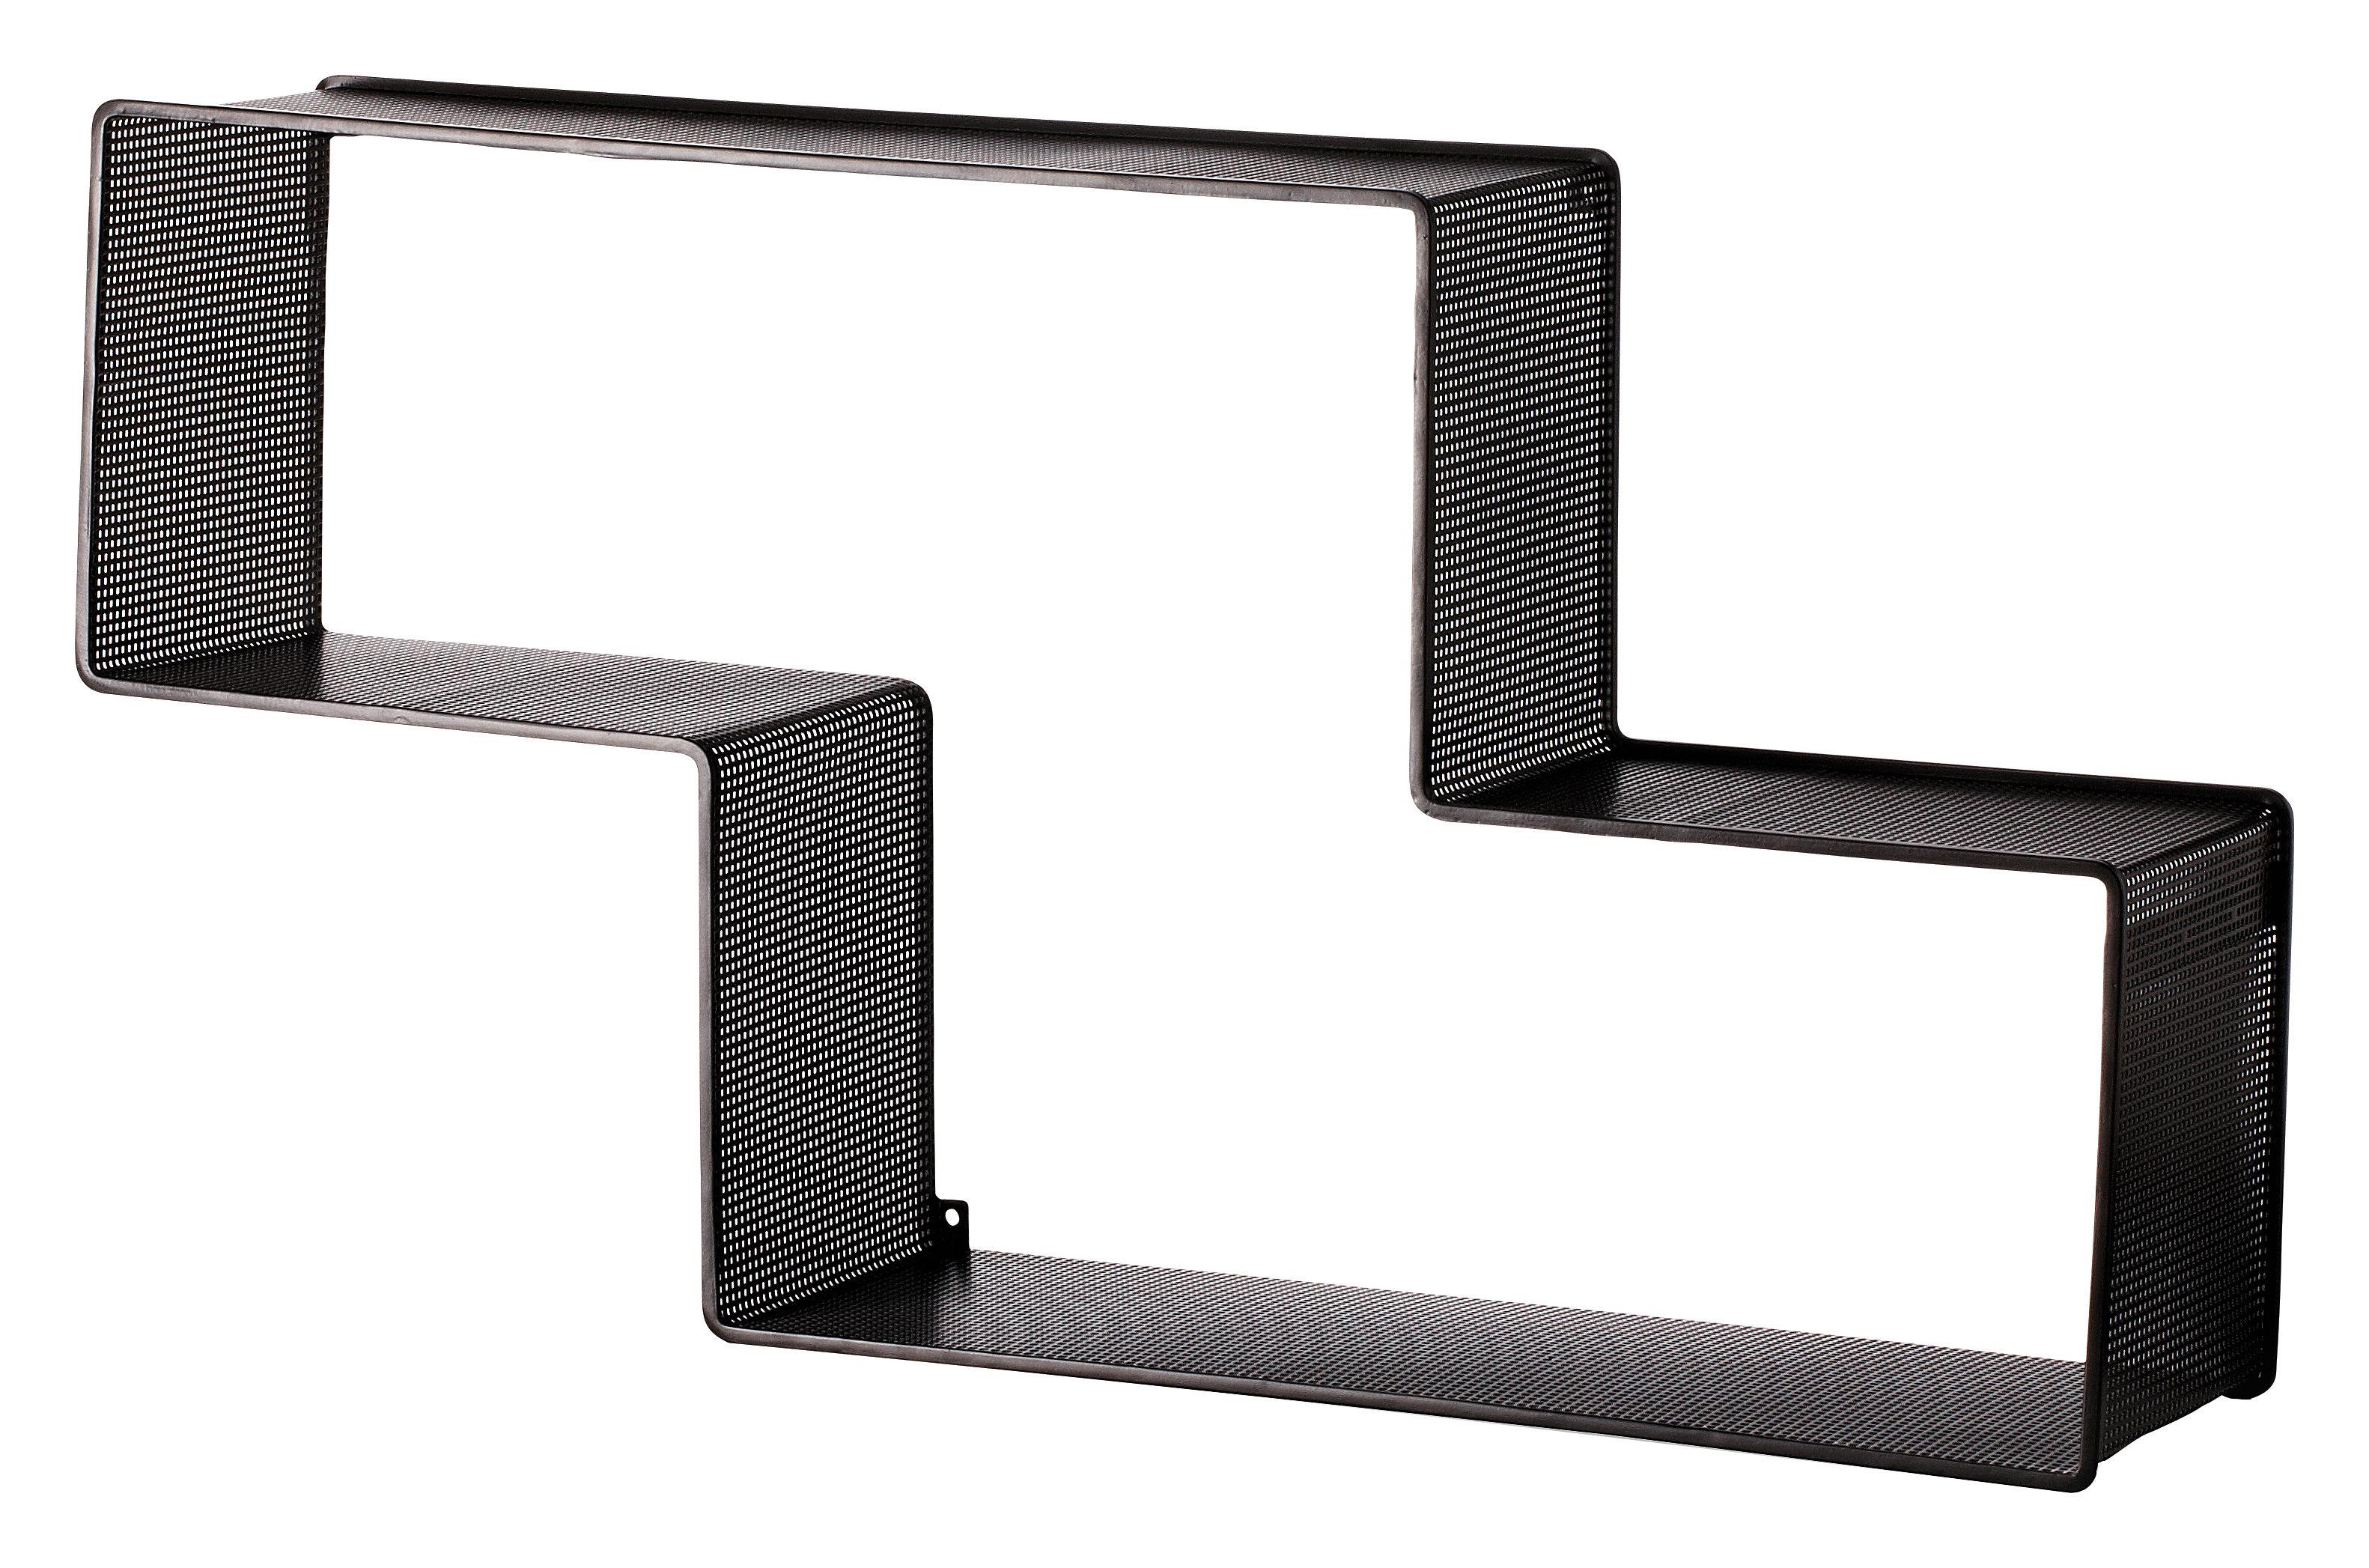 Arredamento - Scaffali e librerie - Scaffale Dedal - L 90 cm x H 49 cm - Rieditata 50' di Gubi - Nero - Acciaio inossidabile